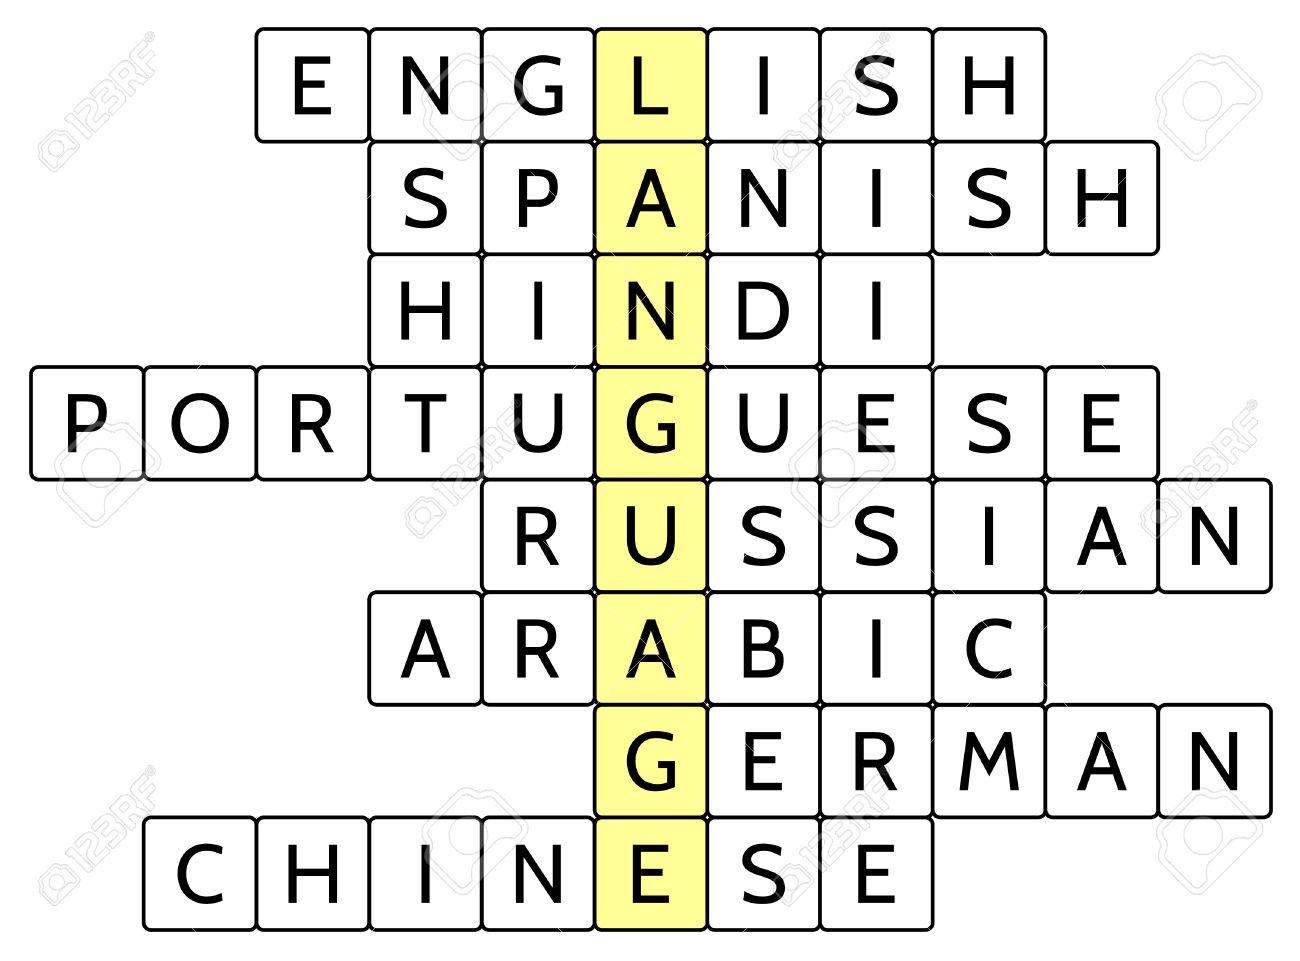 言語の単語のクロスワード パズル8 英語スペイン語ヒンディー語